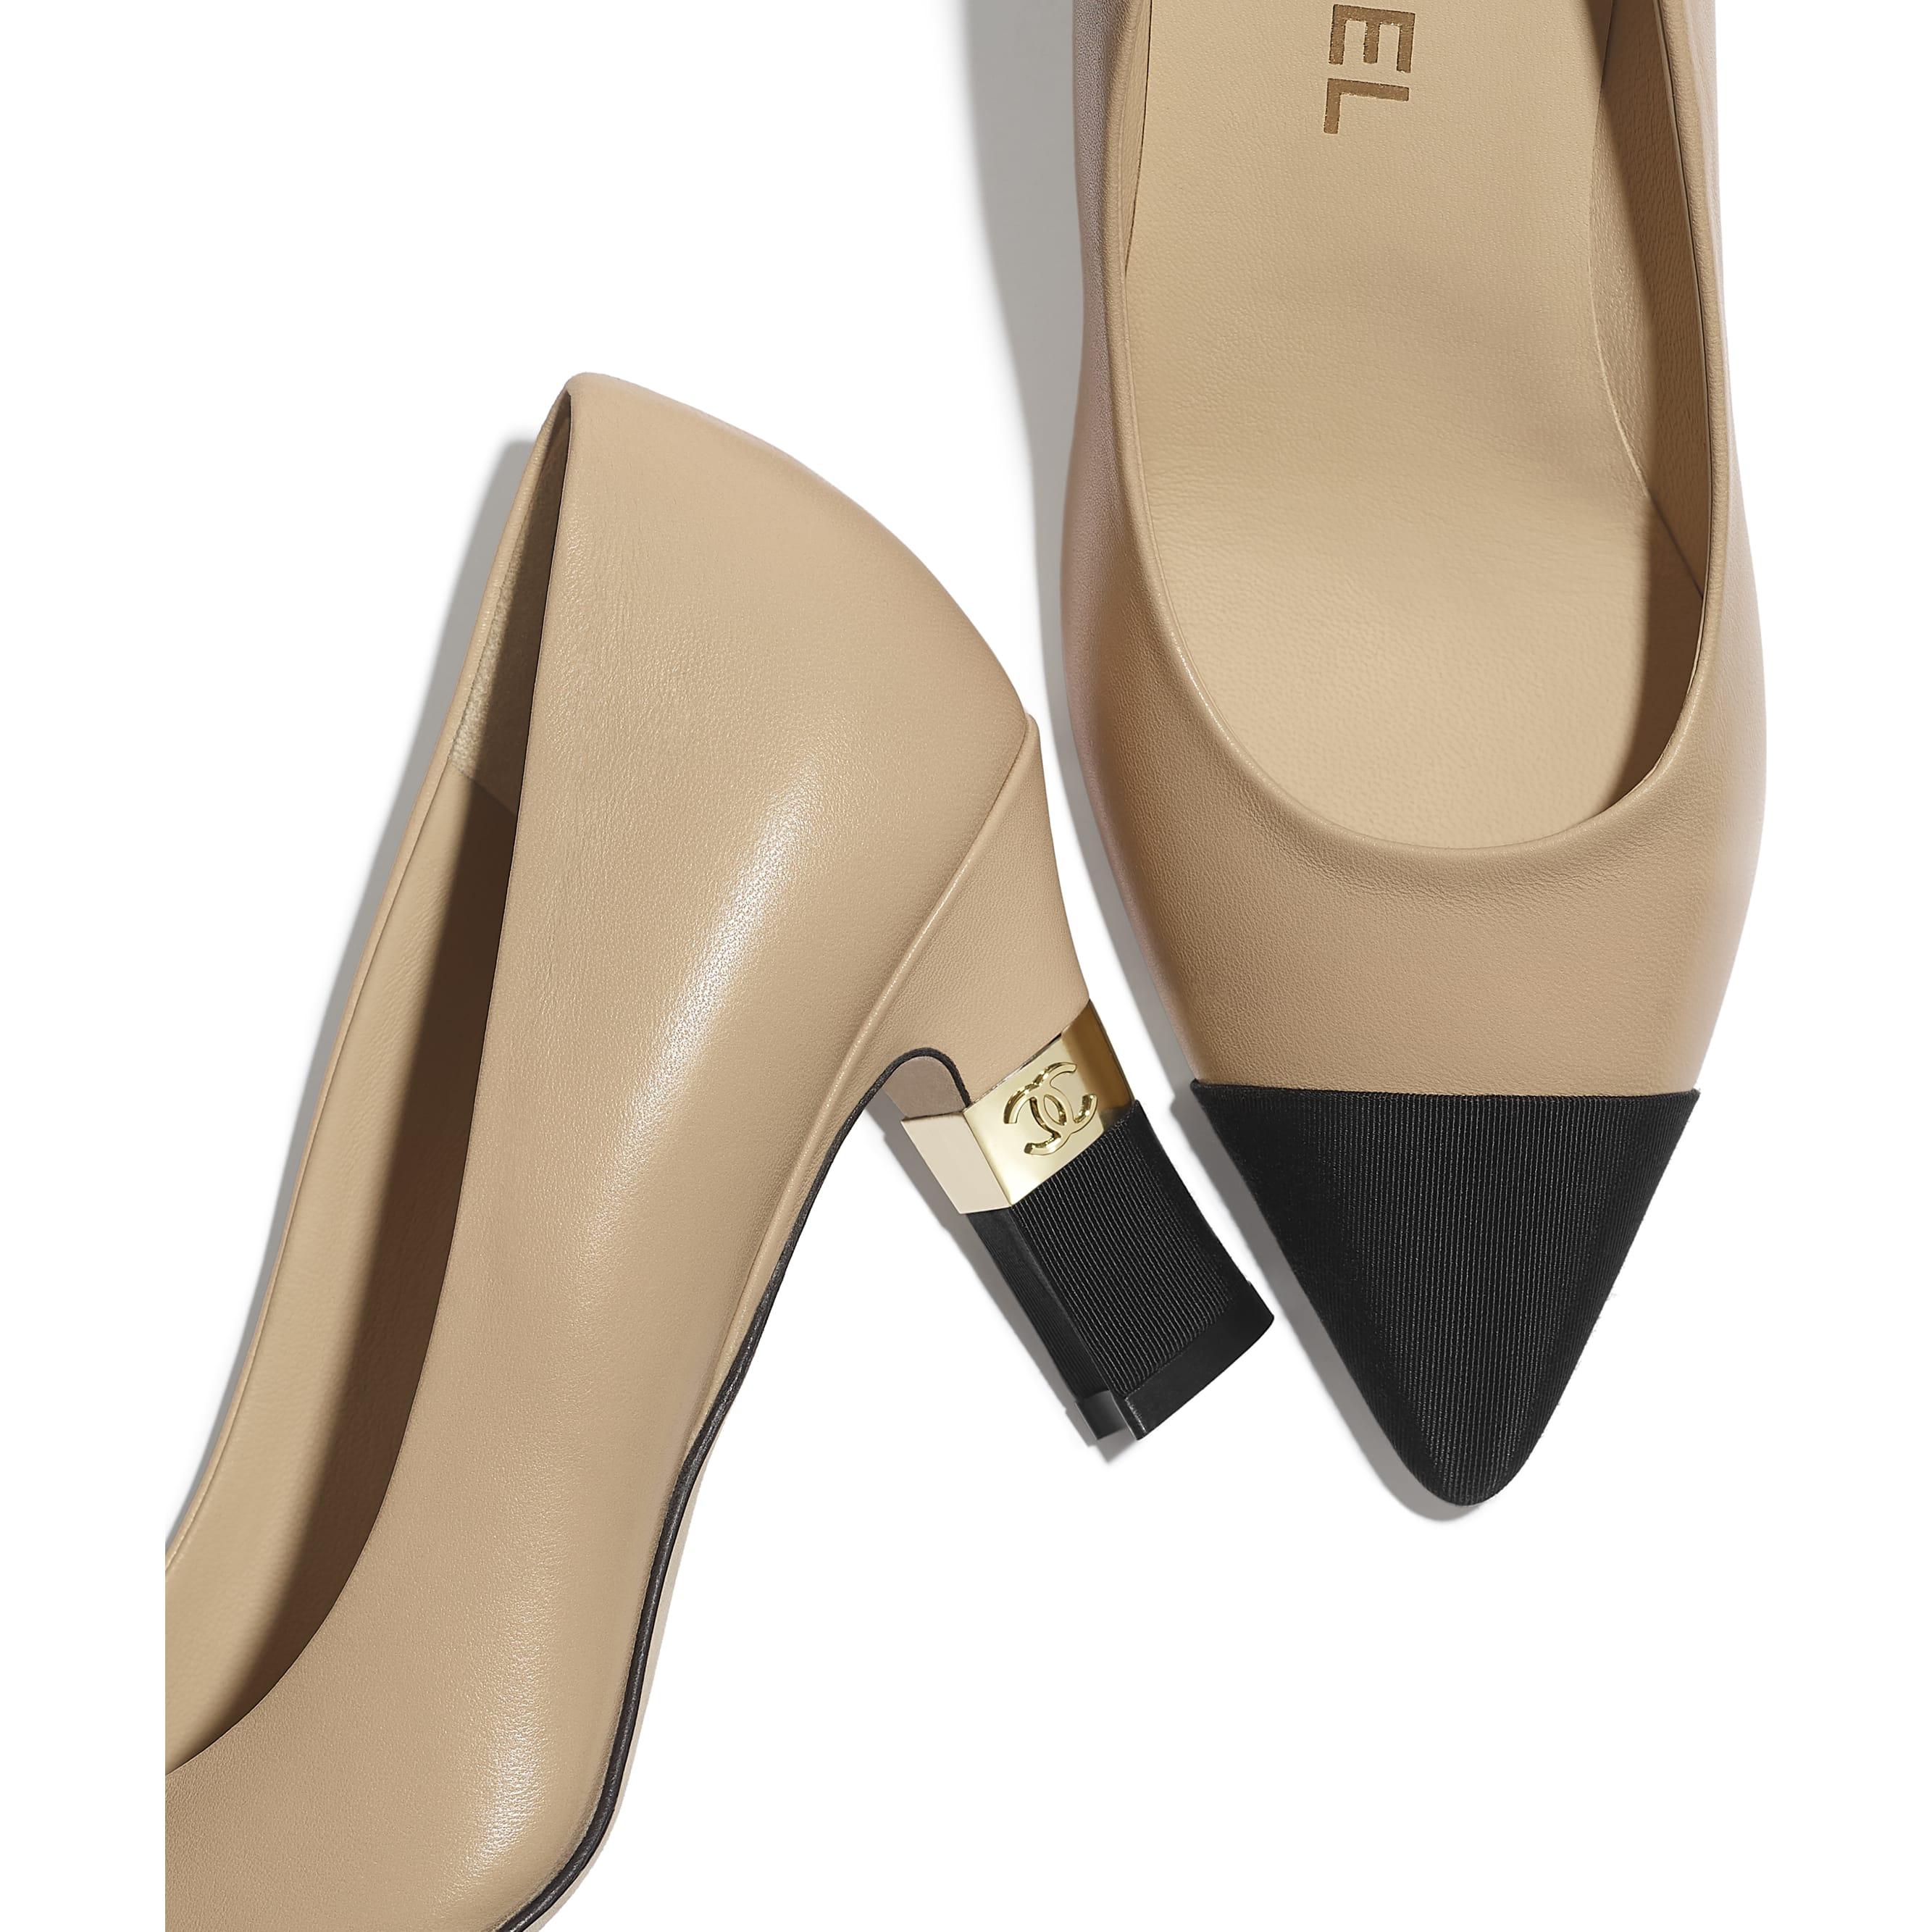 Туфли-лодочки - Бежевый и черный - Кожа ягненка и шелковая ткань - Дополнительное изображение - посмотреть изображение стандартного размера